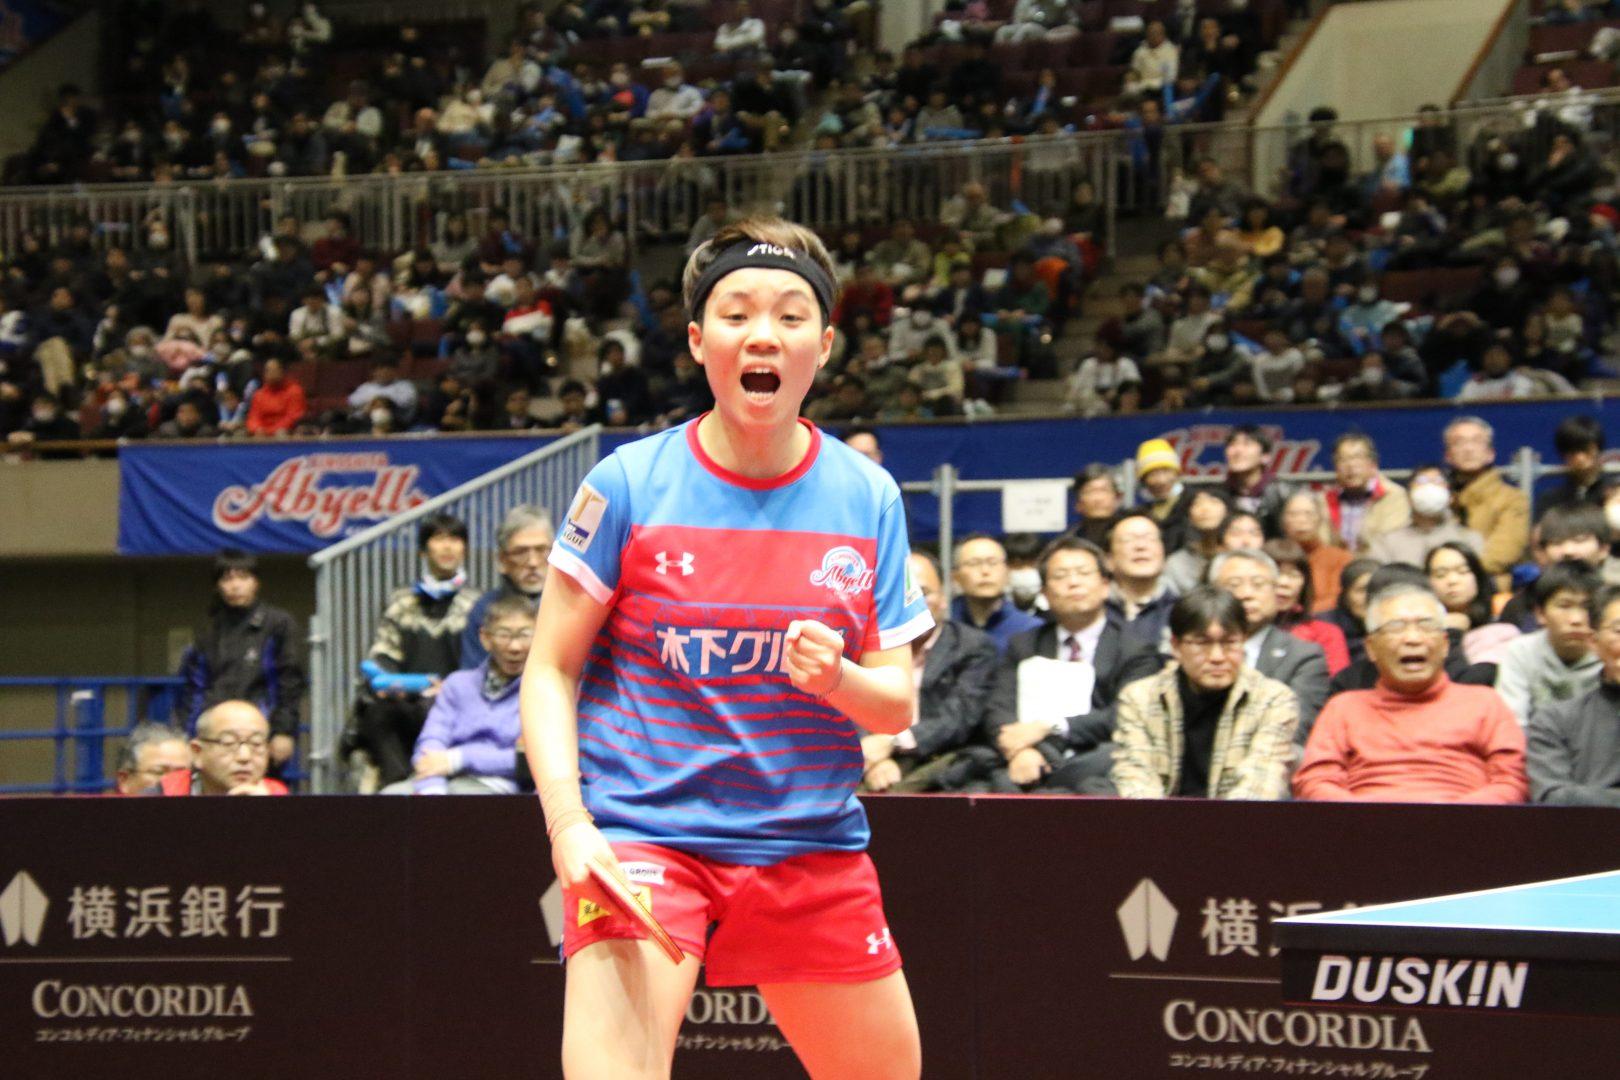 【速報・卓球Tリーグ】首位のKA神奈川が3連勝 ニッペMも石川を破り一矢報いたが及ばず